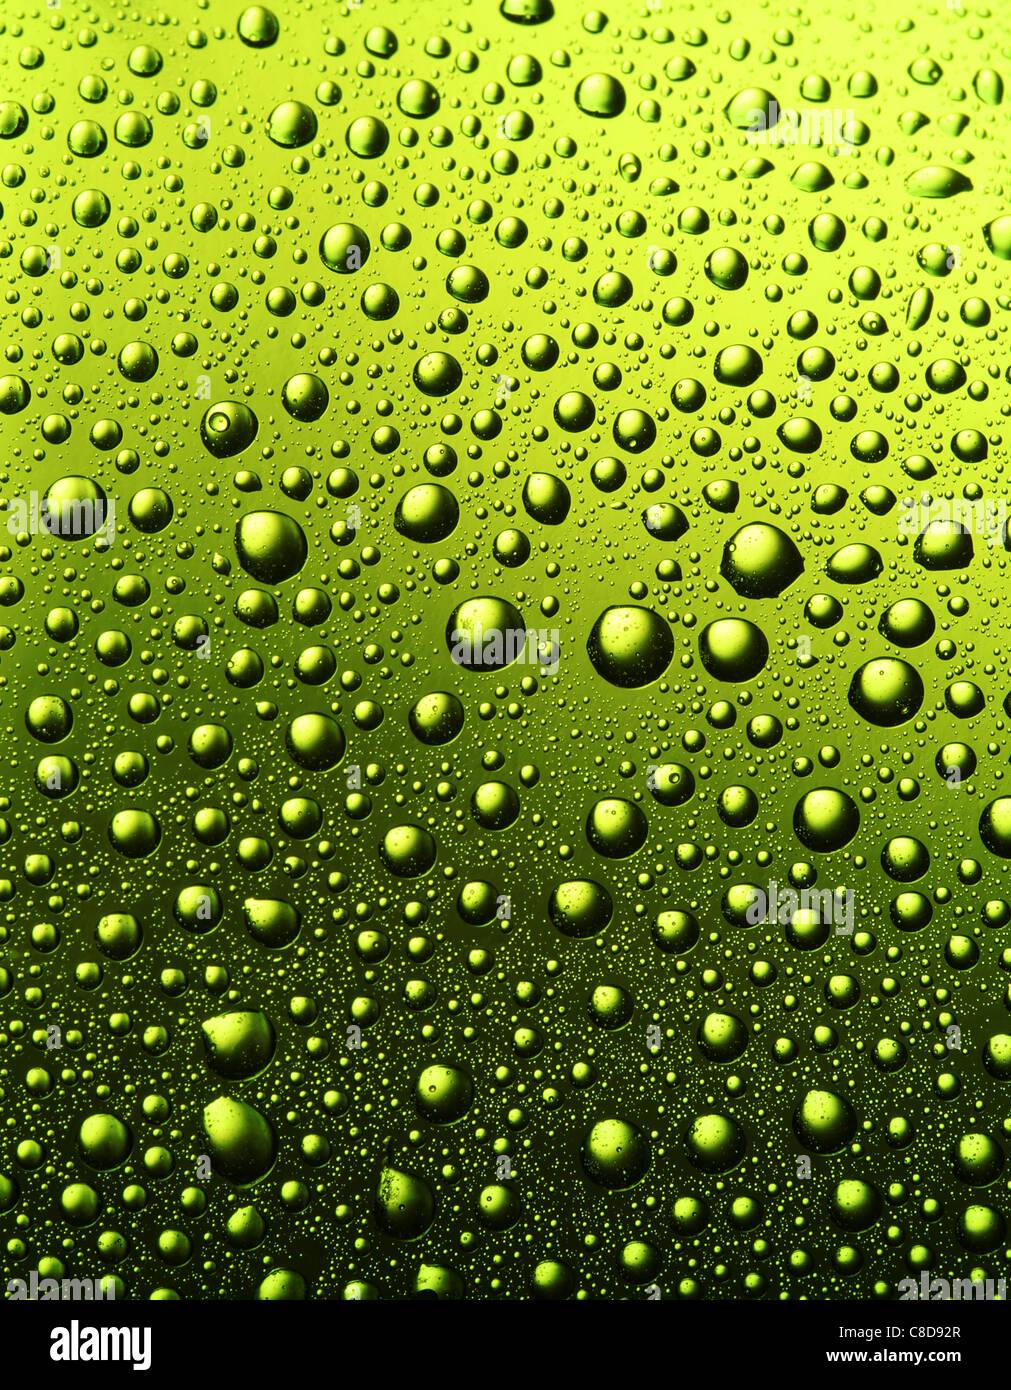 La texture des gouttes d'eau sur la bouteille de bière. Photo Stock